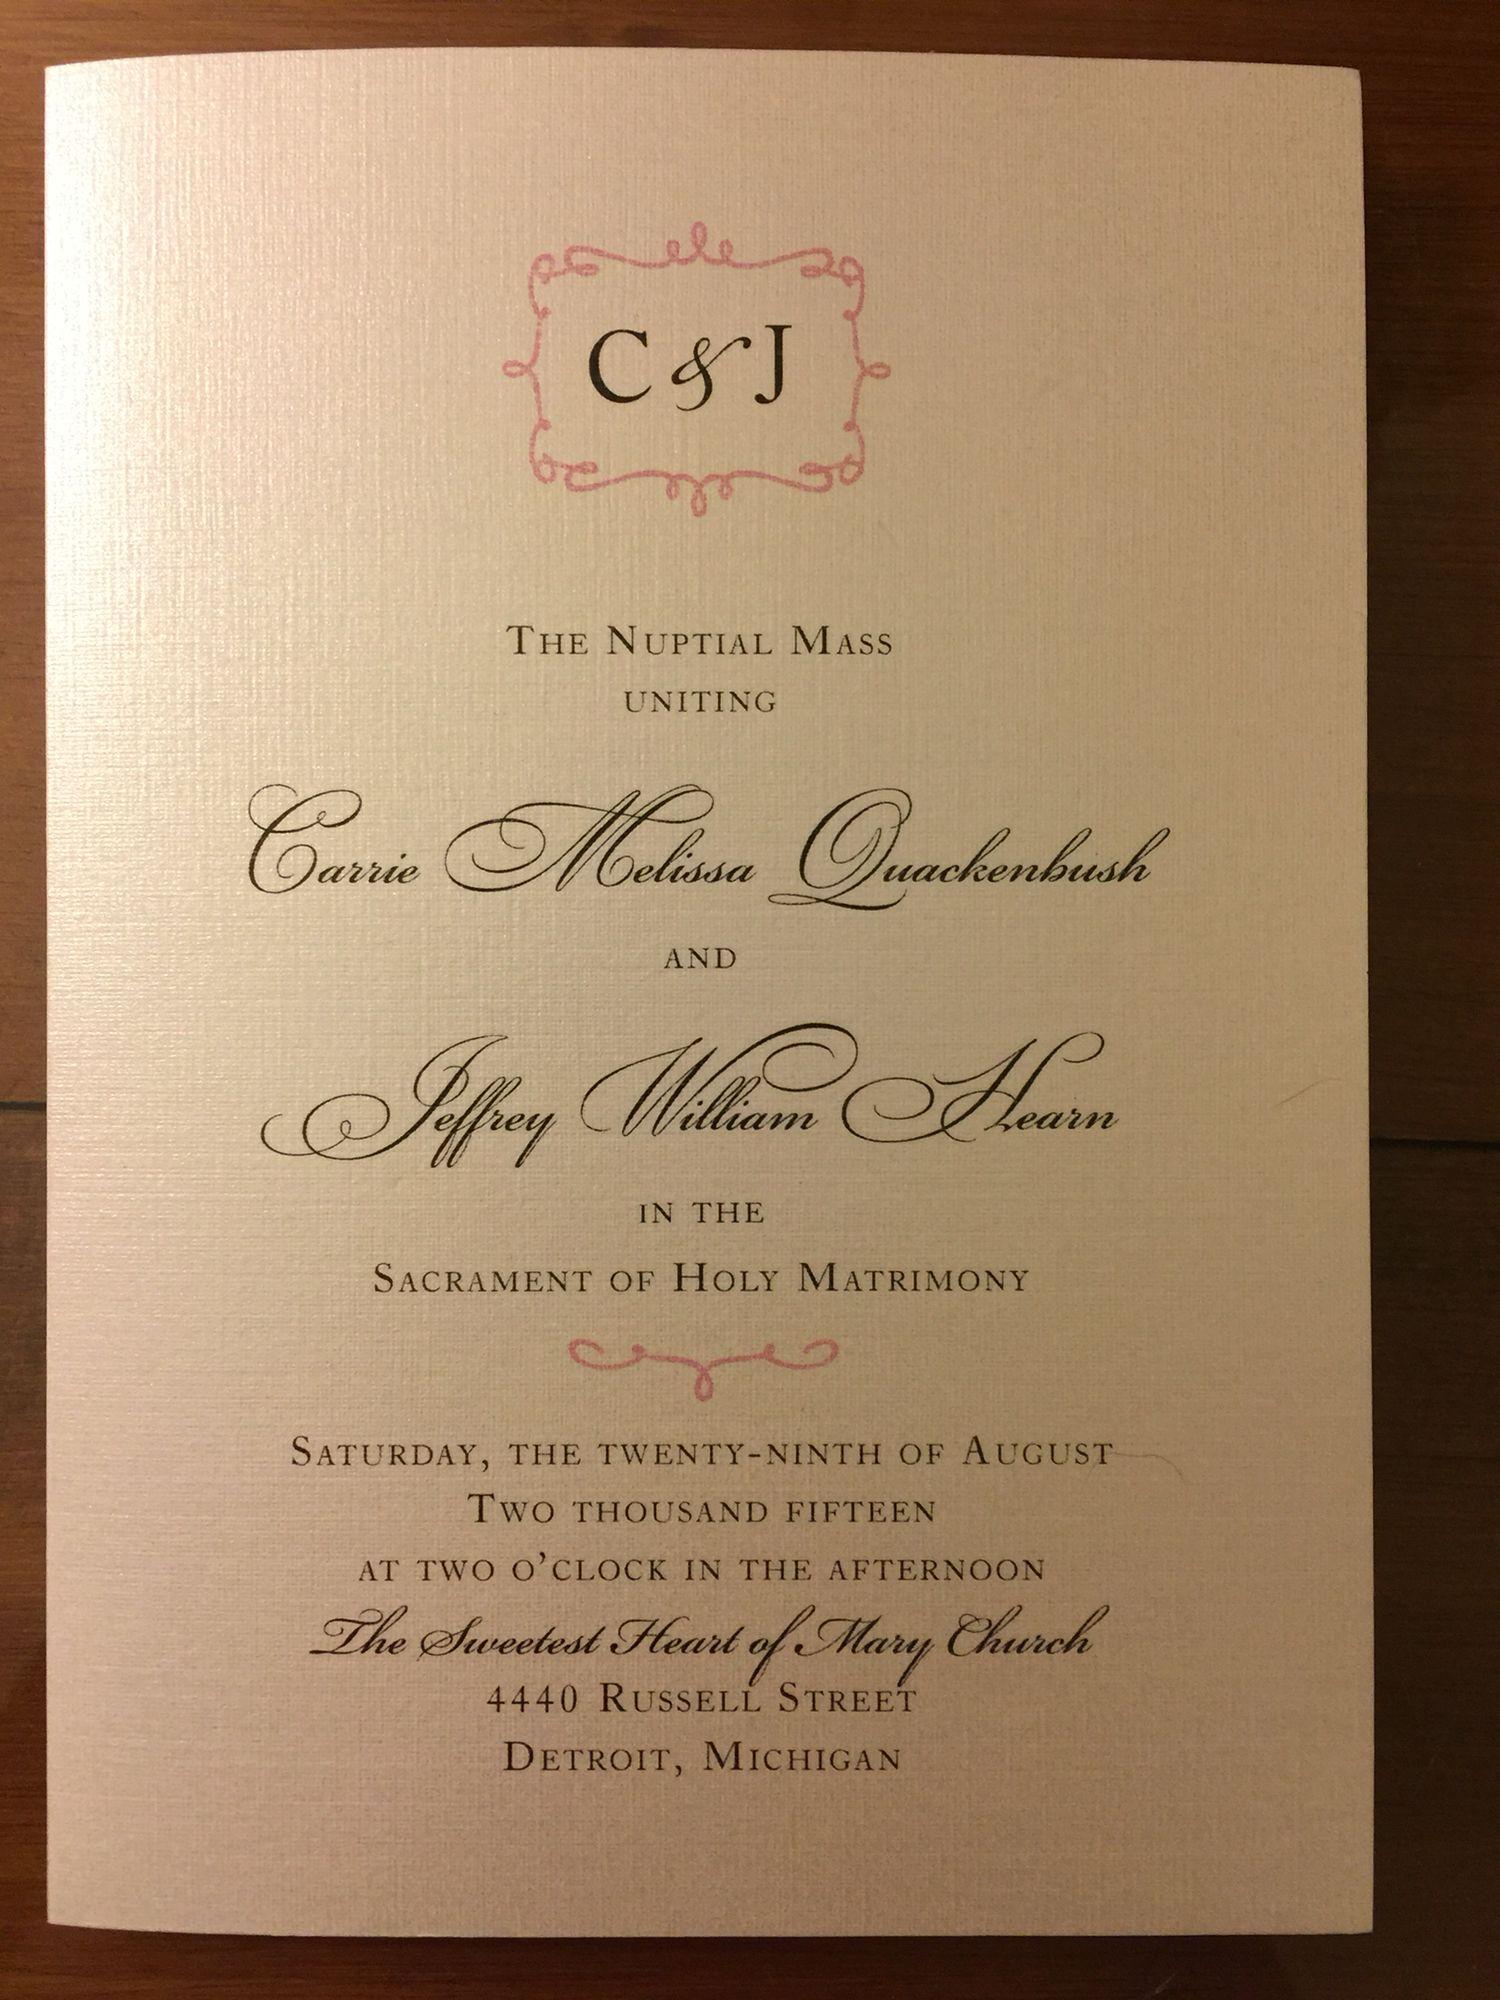 Catholic wedding program cover Nuptial mass wedding Detroit